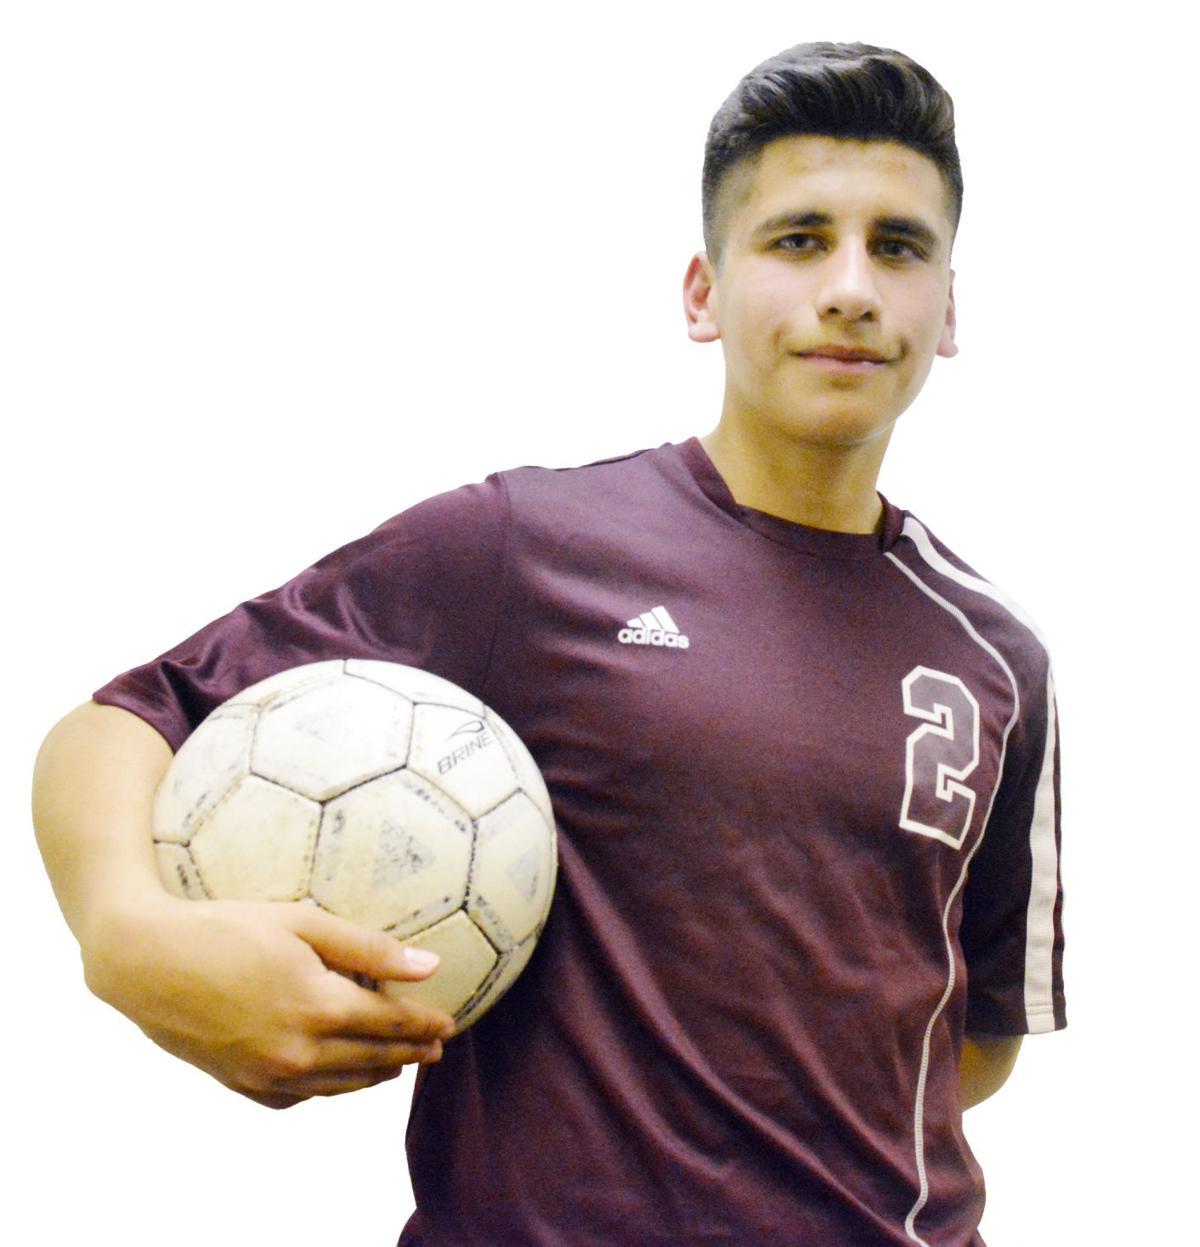 CHS star Rodriguez all about team goals   High School   columbustelegram.com